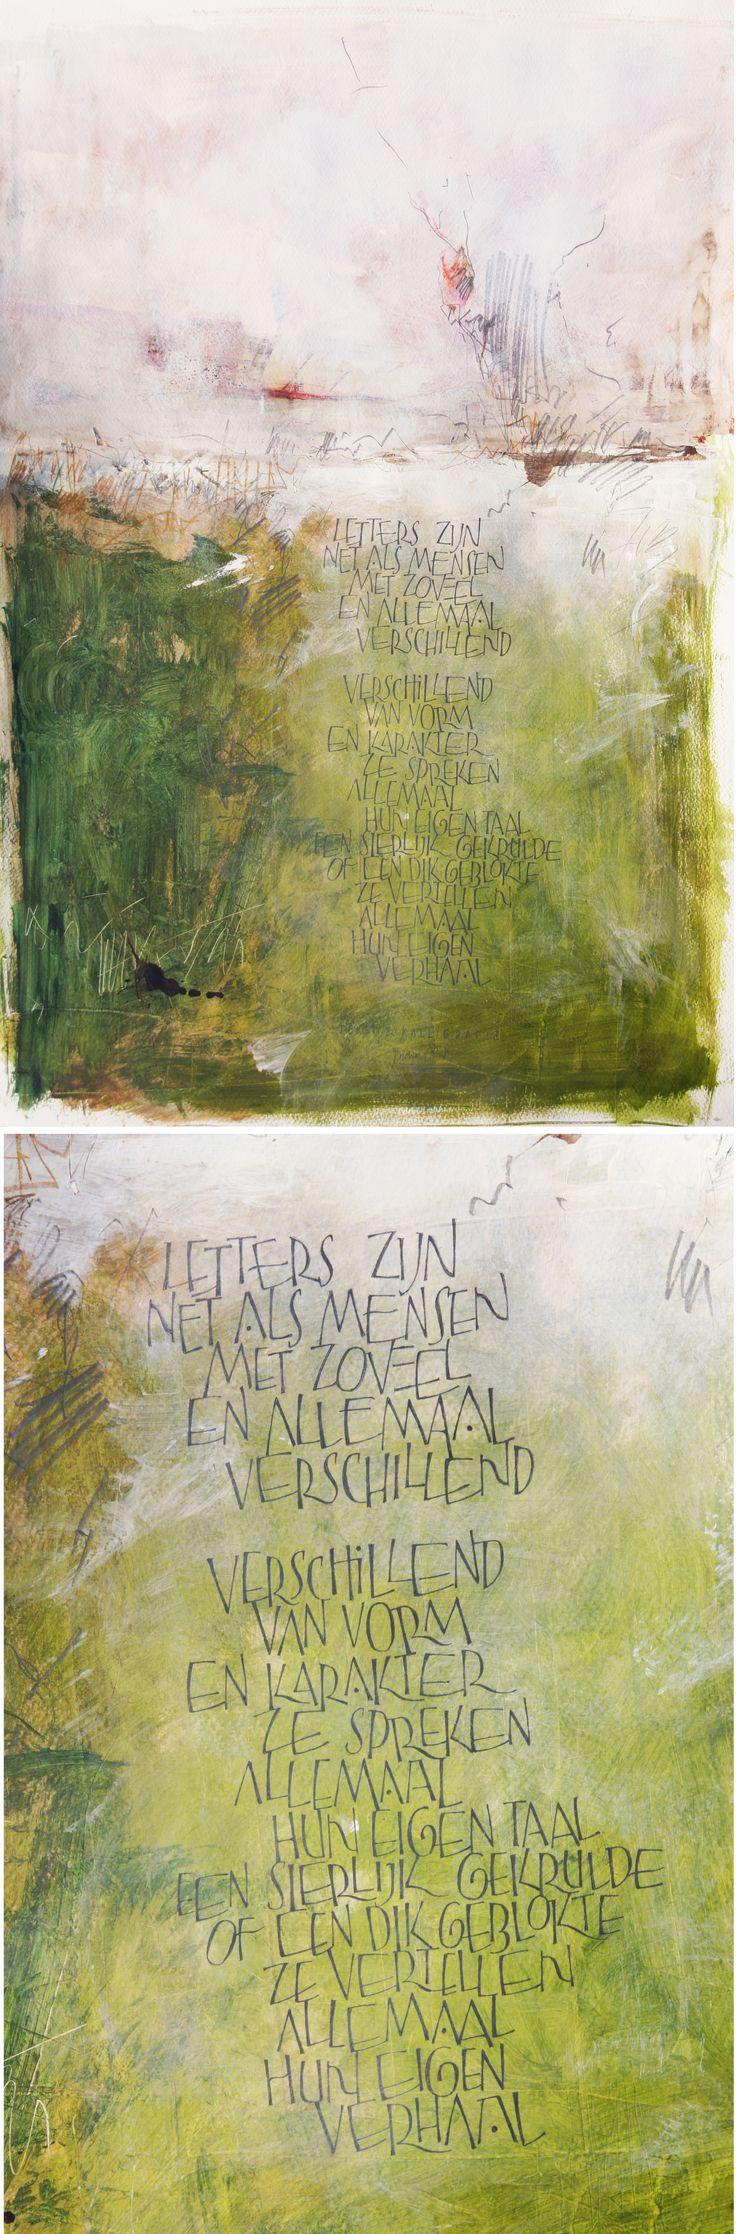 """""""Letters zijn net als mensen"""" Tekst en kalligrafie - André Ooms - 2015 / ondergrond met bister, Schmincke inkt en gesso, letters met potlood."""